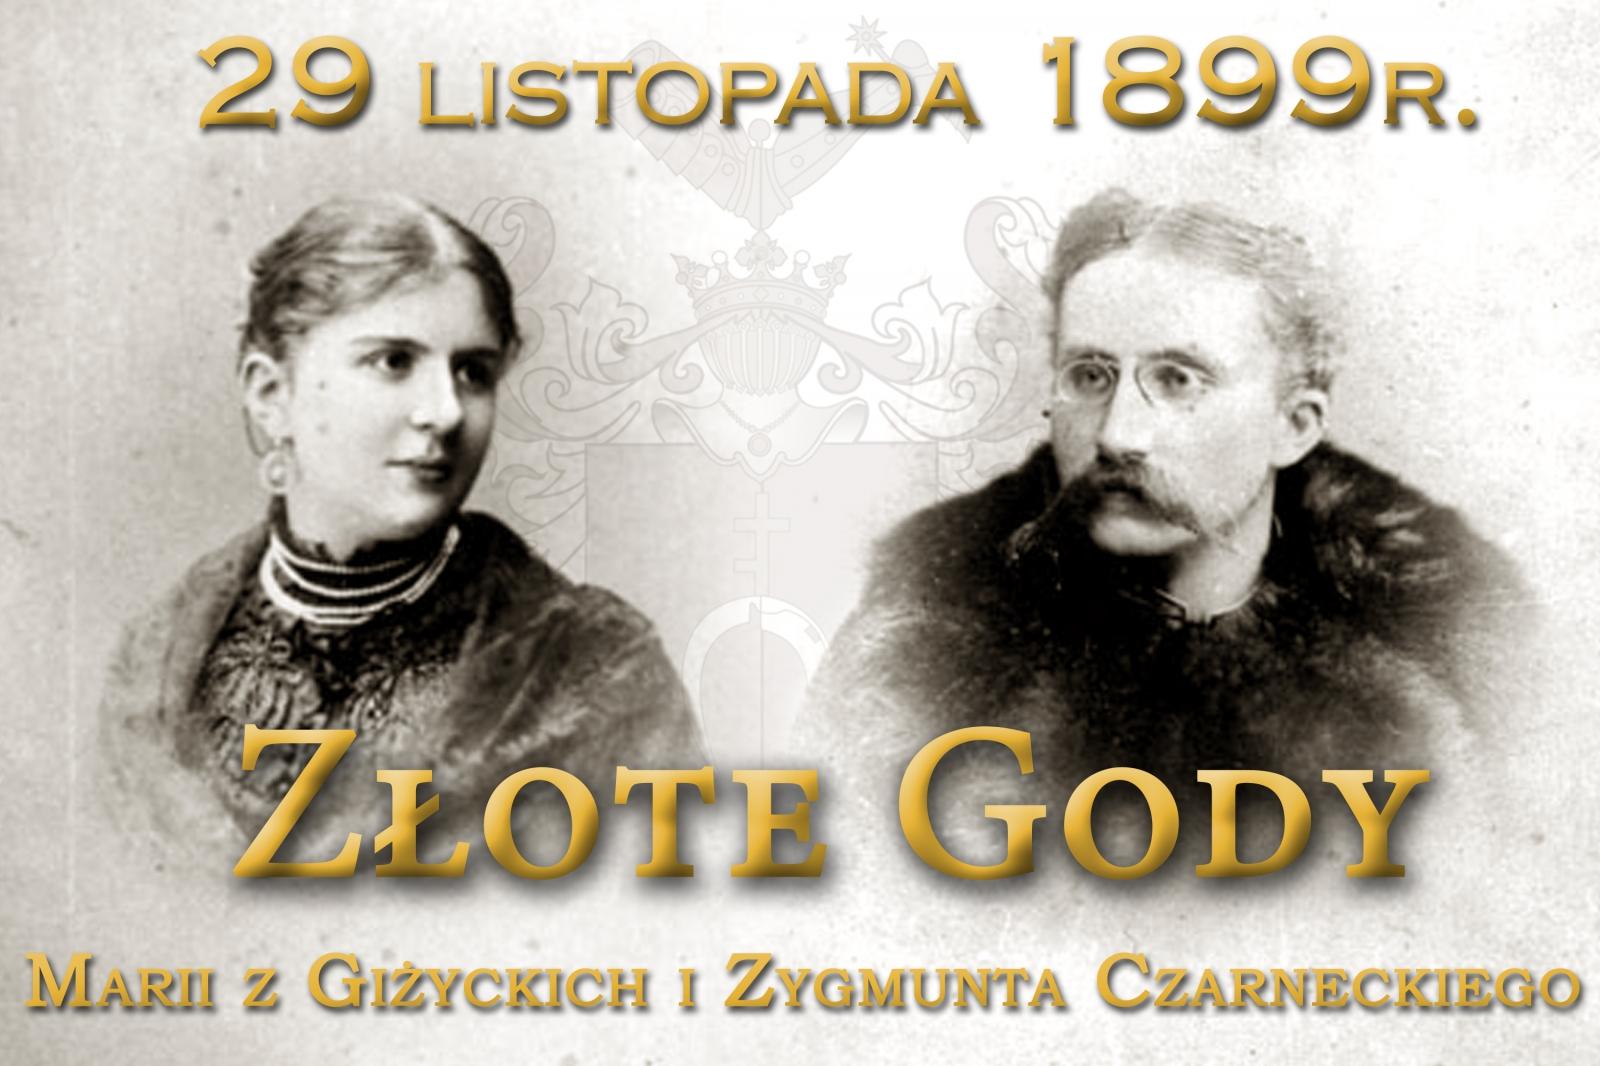 29 LISTOPADA 1899 R. ZŁOTE GODY CZARNECKICH